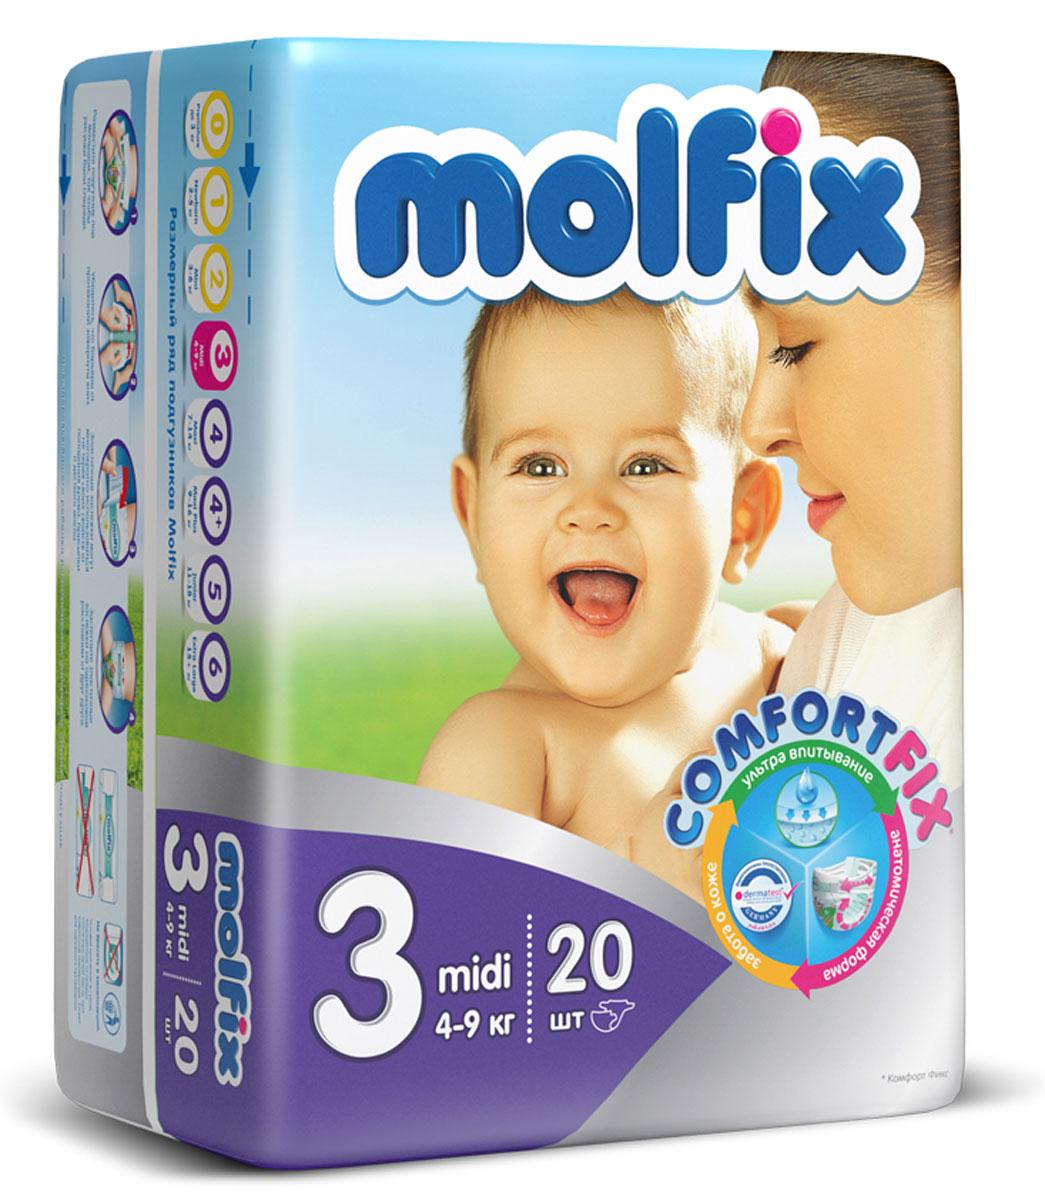 Подгузники Molfix Миди (4-9 кг), 20 шт14907Новинка! Ни для кого не секрет, что каждая мама хочет обеспечить защиту и комфорт для своего малыша. Новые премиальные подгузники Molfix отвечают самым высоким стандартам качества категории и соответствуют ожиданиям даже самых взыскательных мам: они отлично впитывают, тонкие и эластичные, обеспечивают малышам надежную защиту, комфорт и хорошее настроение. Подгузники Molfix дерматологически протестированы и одобрены независимым исследовательским институтом Dermatest GmbH (Германия). Особенности: • Специальный ультра впитывающий слой обеспечивает быстрое впитывание; • Тонкая анатомическая структура для комфорта малыша; • Ультра эластичные боковинки обеспечивают свободу движений; • «Дышащий» внешний слой и ультра мягкий внутренний слой для заботы о коже малыша; • Защитные барьерчики обеспечивают защиту от протеканий. В каждой упаковке подгузников Molfix веселые и красочные дизайны на подгузниках!